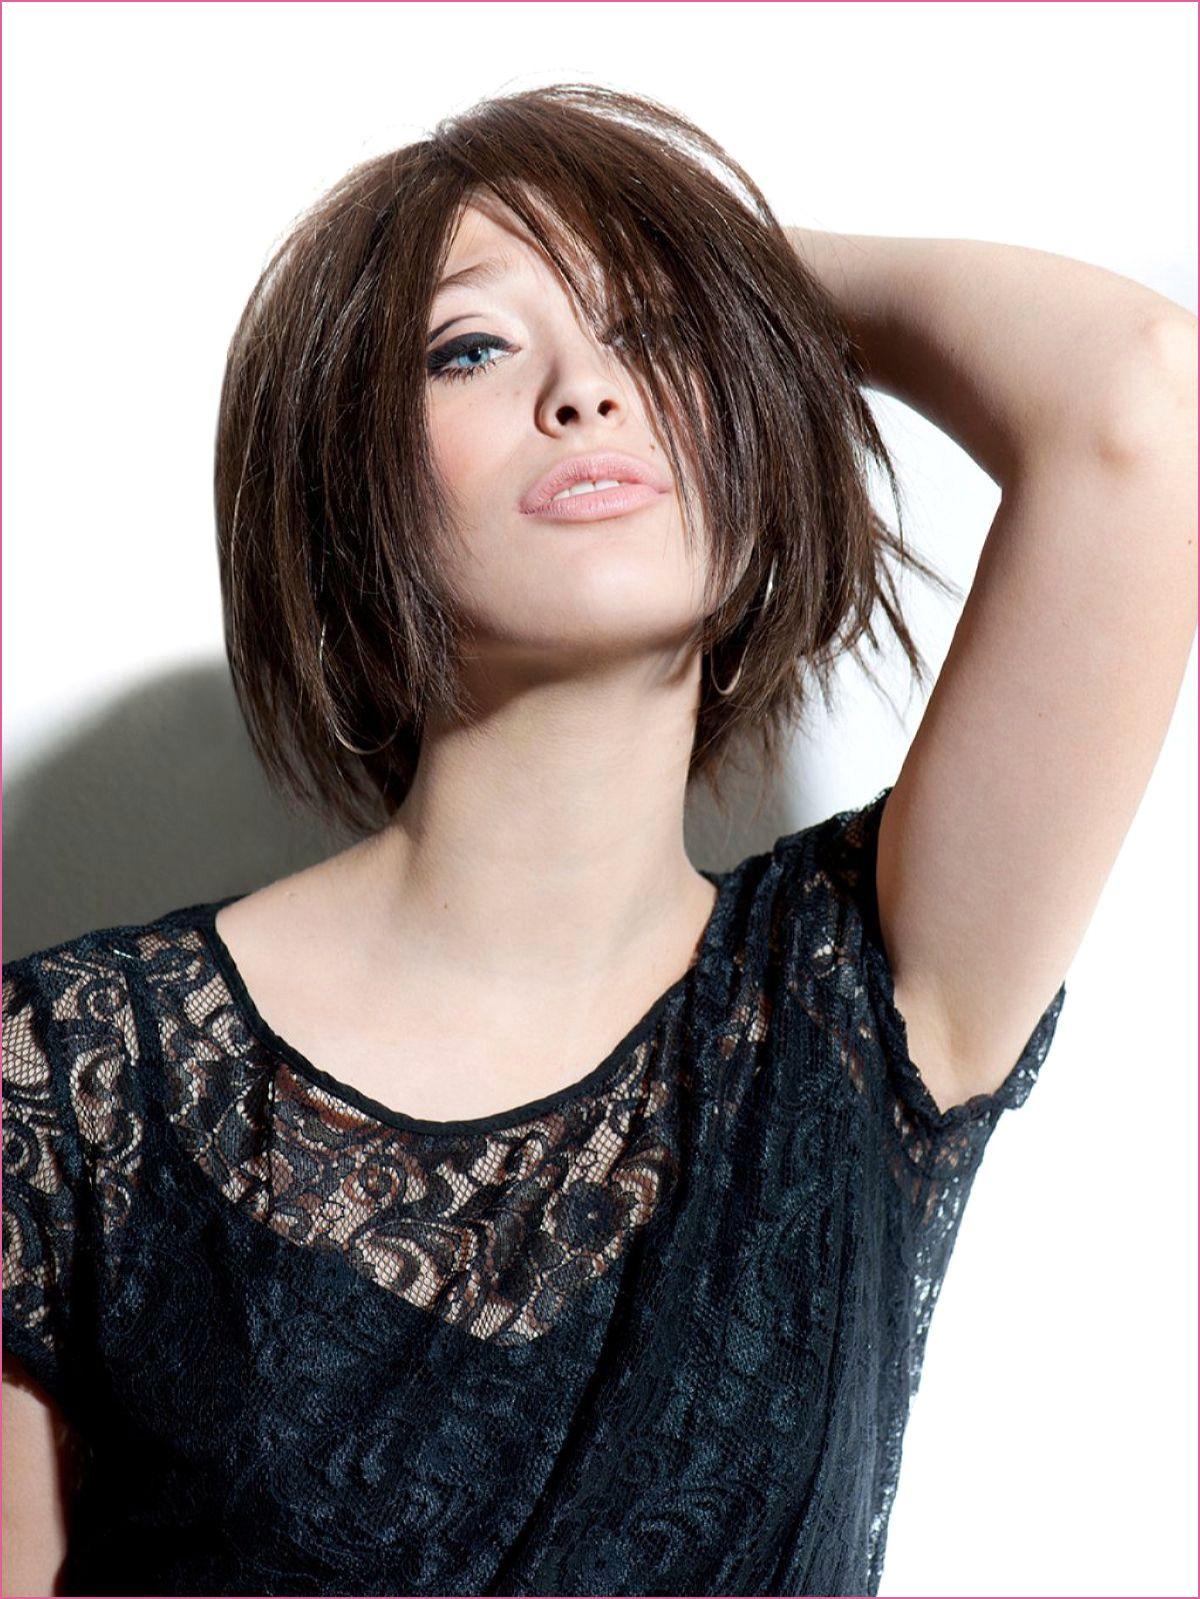 Kurzhaarfrisuren Ohne Scheitel Dunnes Haar Scheitel Trends Bob Hairstyles Short Hair With Layers Hair Styles